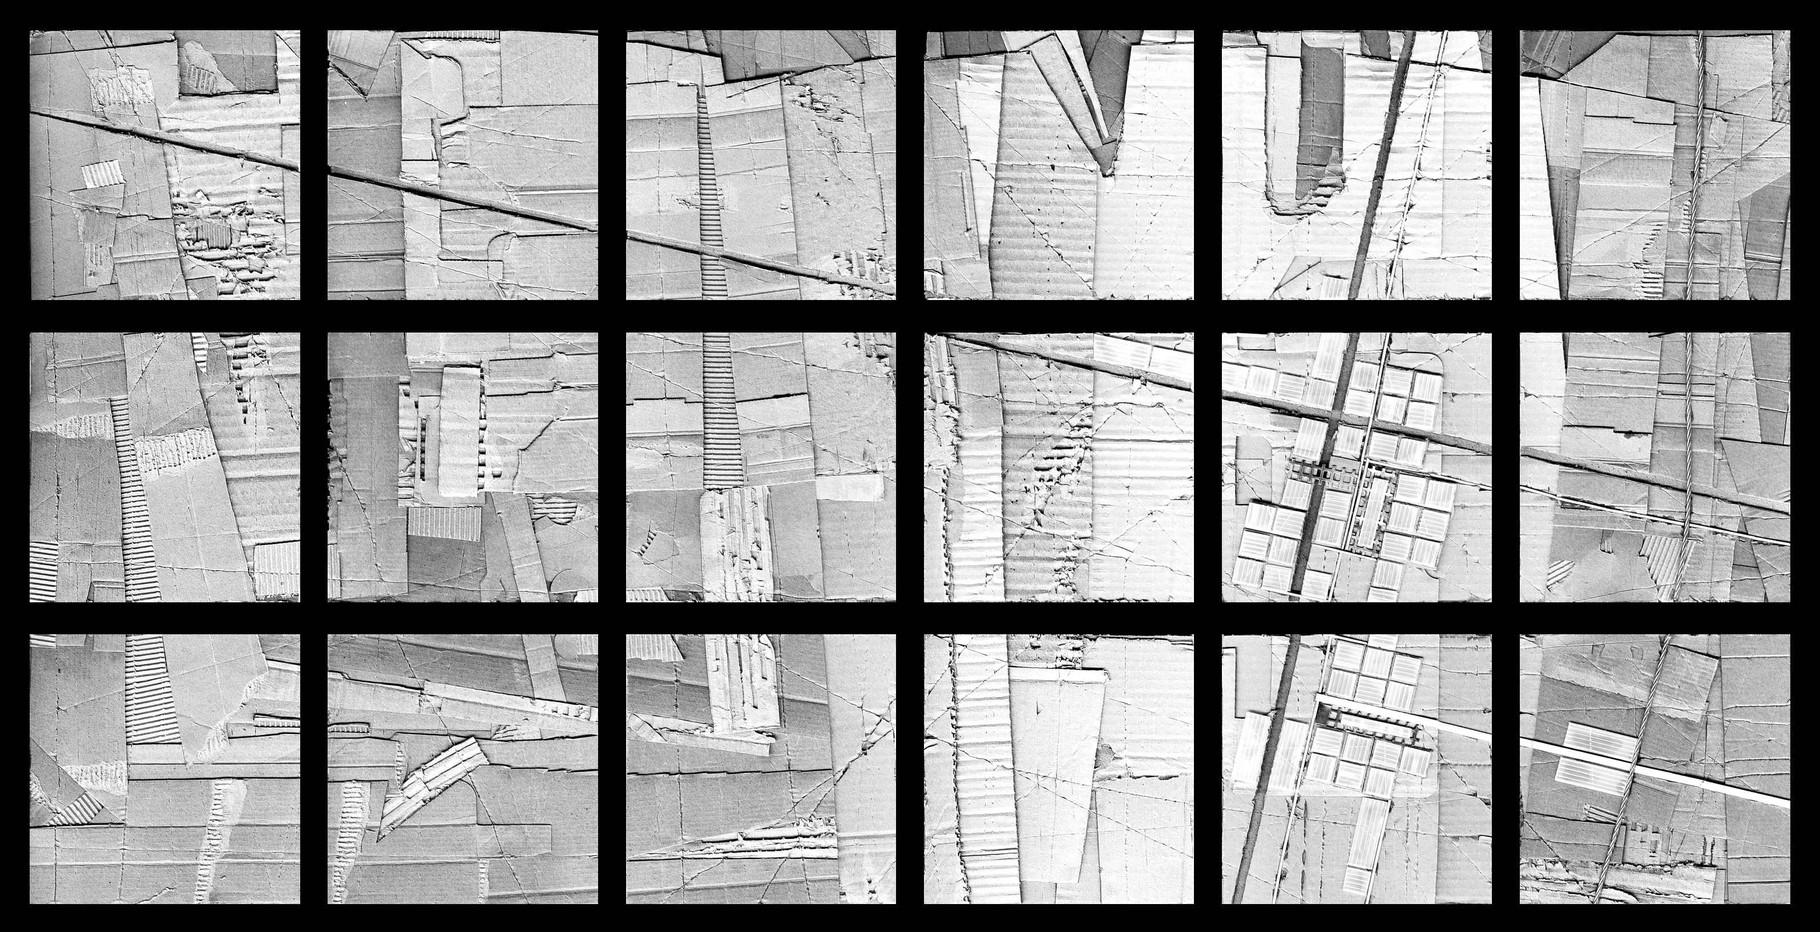 """""""urbanaurea: sito A - glaciazione"""" / AD012-02c / formati: originale [o] NON DISPONIBILE - riproduzione ridotta [r] cm 92 x 43"""